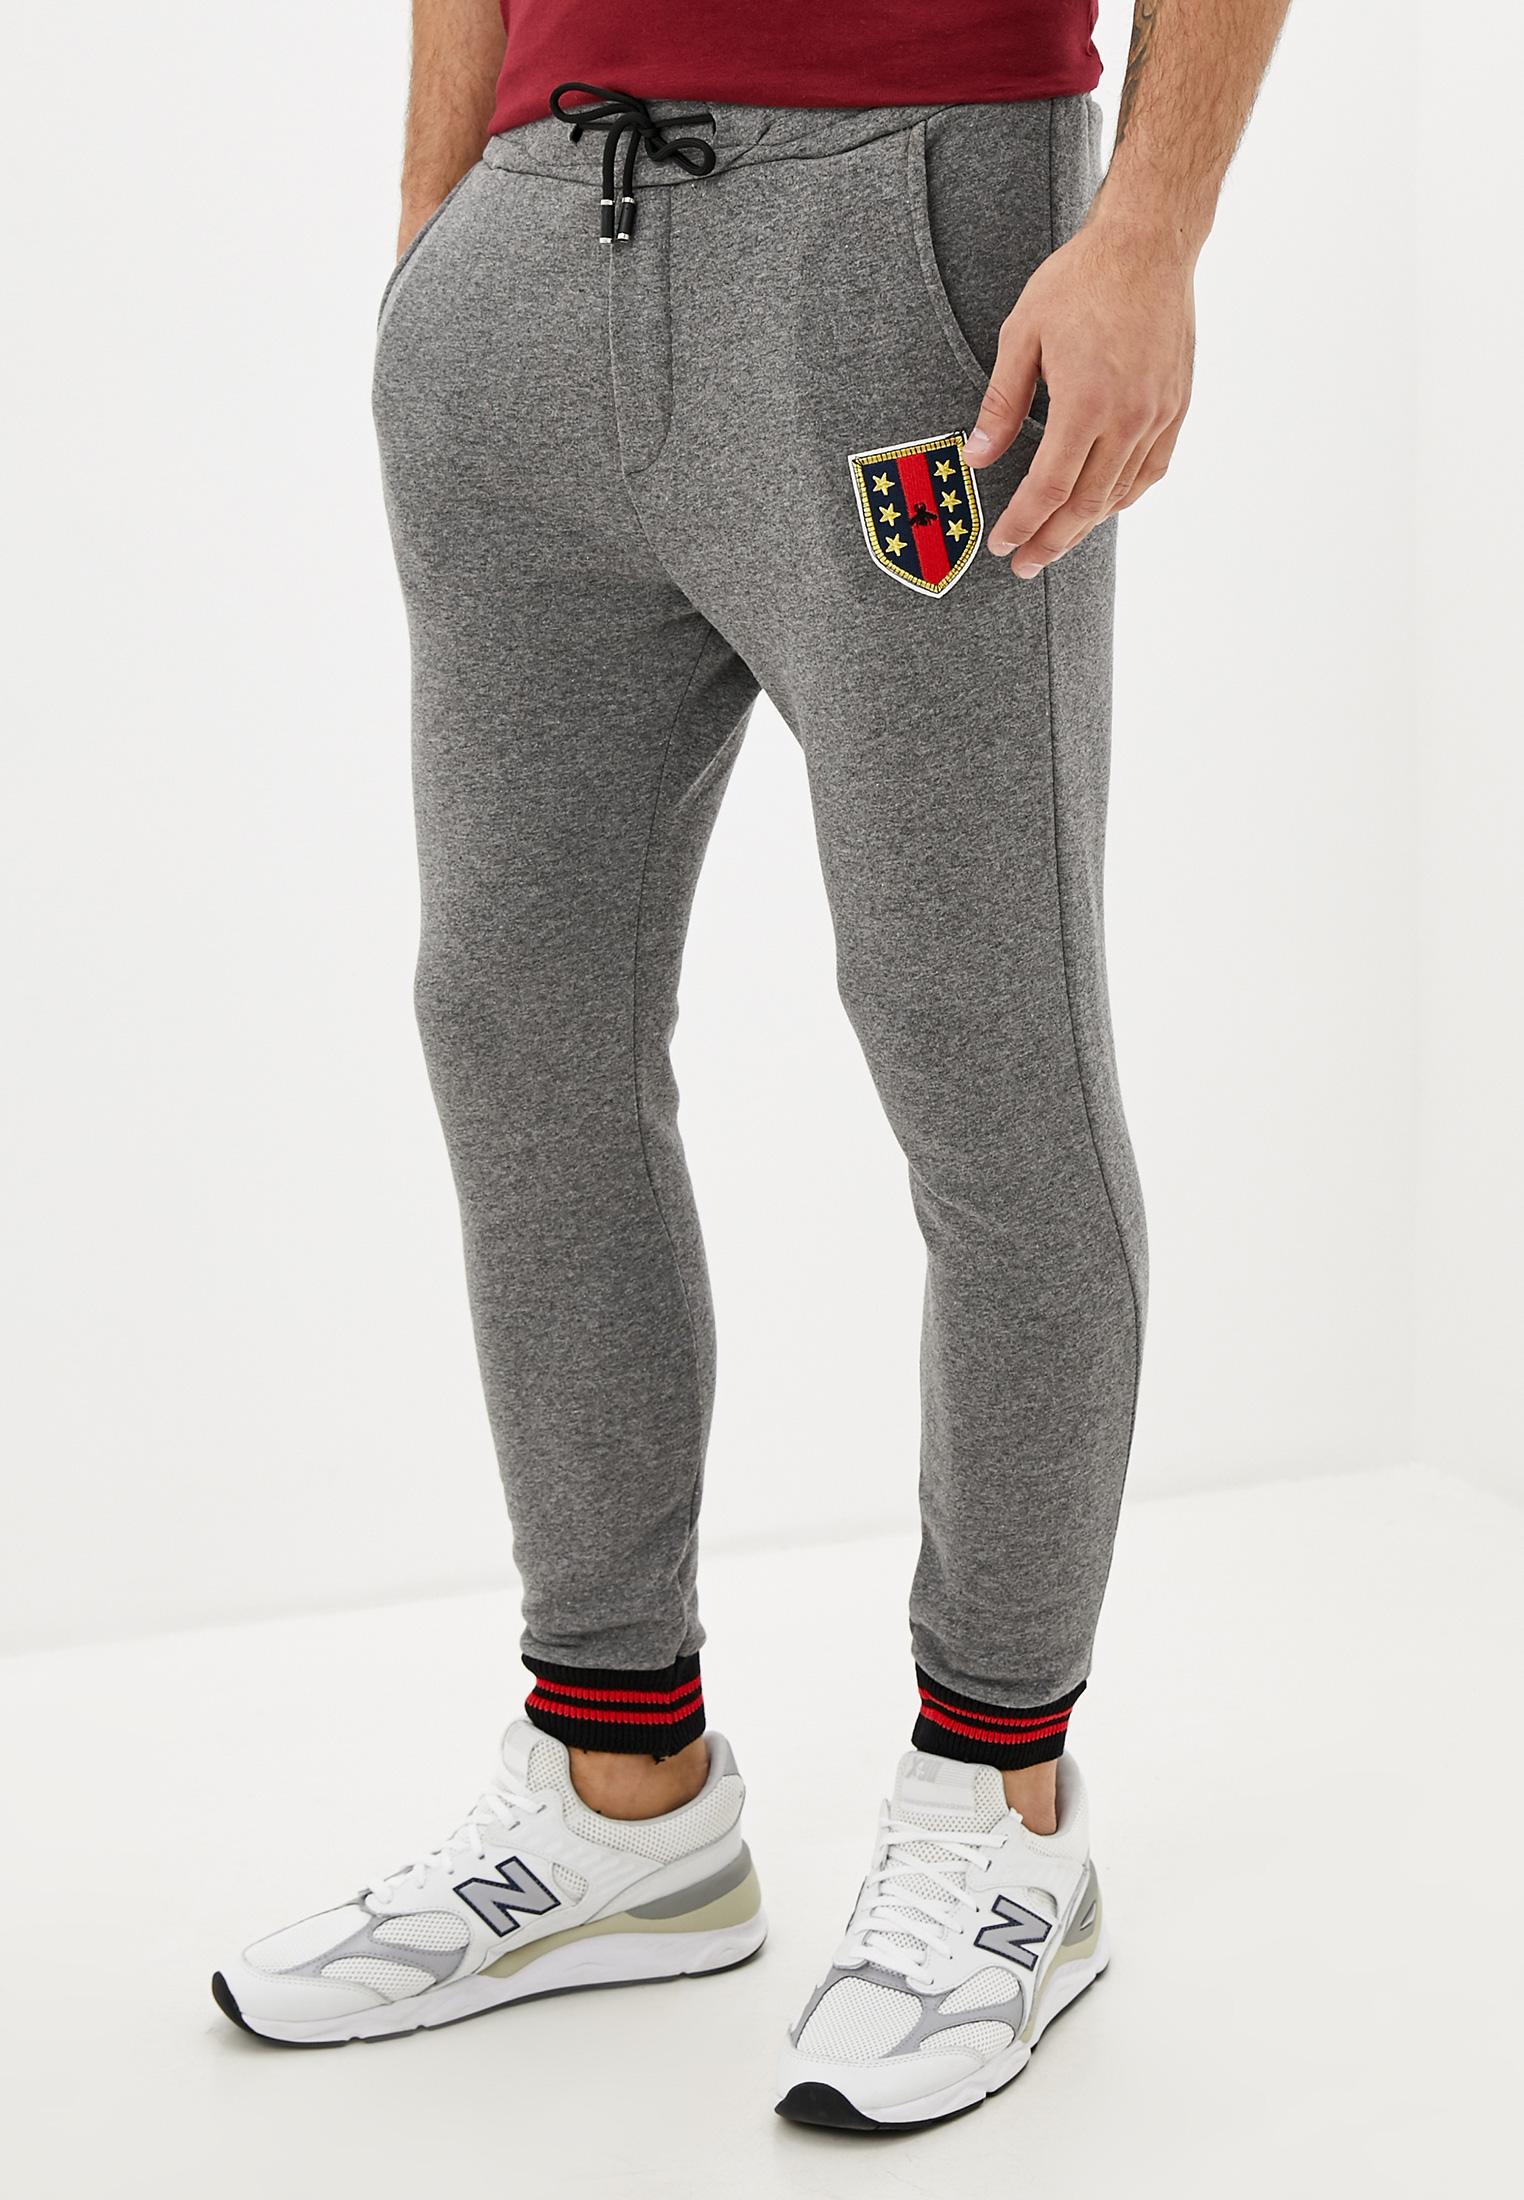 Мужские спортивные брюки Young & Rich (Янг энд Рич) H1628